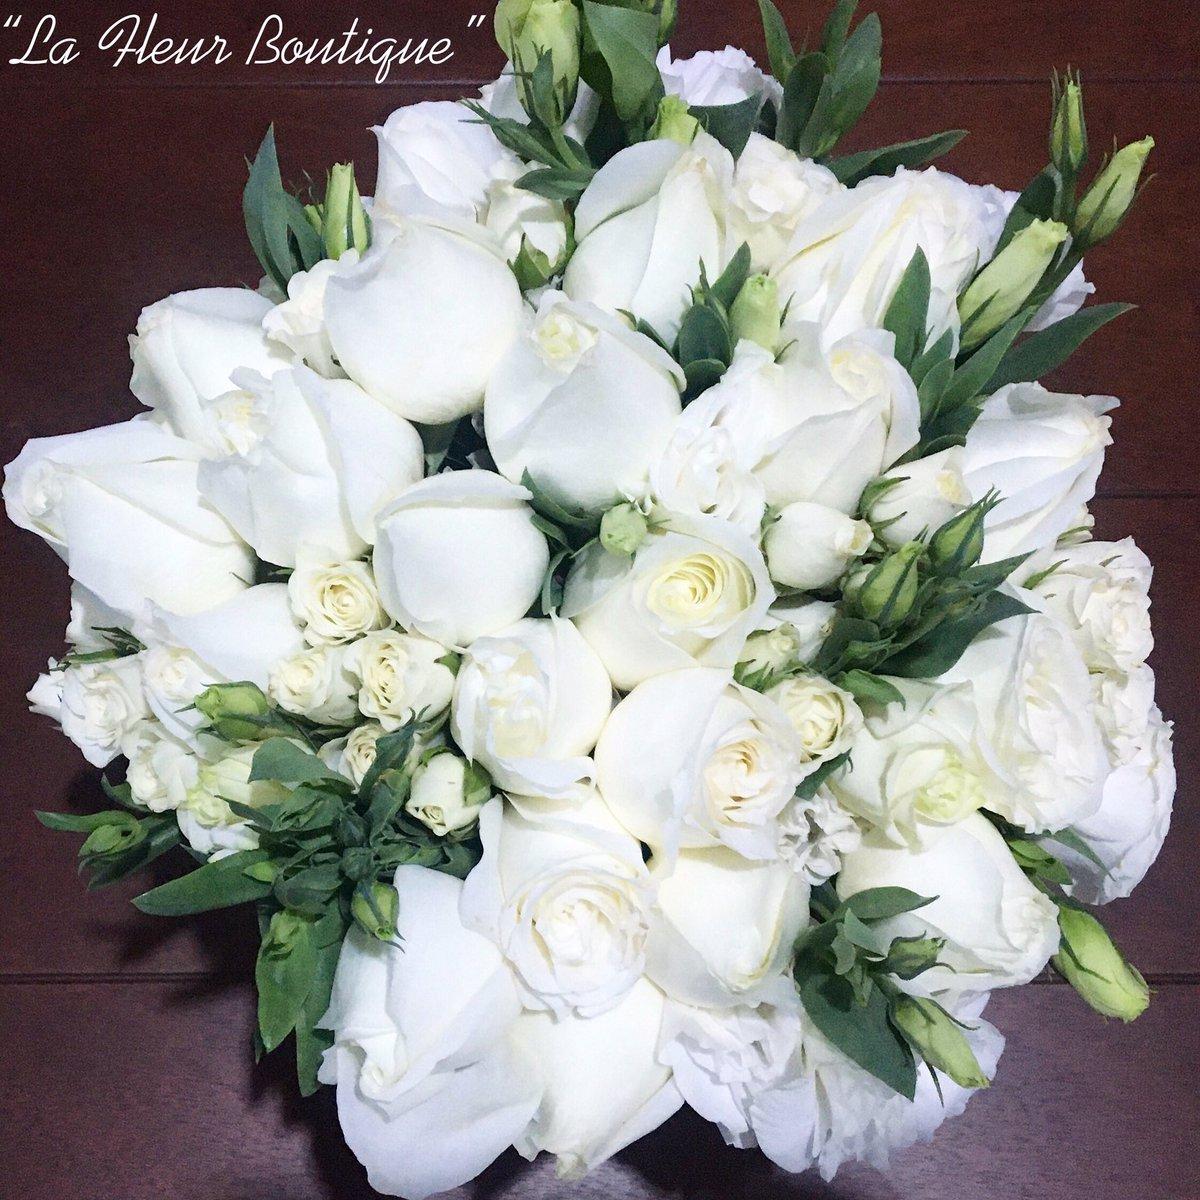 """La cuenta regresiva para tu boda comenzó?  En """"La Fleur Boutique"""" te ayudamos con el diseño floral para ese gran día!  Contáctanos al 5539005051  #WeddingFlowers #Flowers #WeddingTime #BrideBouquet #WeddingDecor #BrideToBe #LaFleurBoutiquepic.twitter.com/L7WR4hFj2i"""